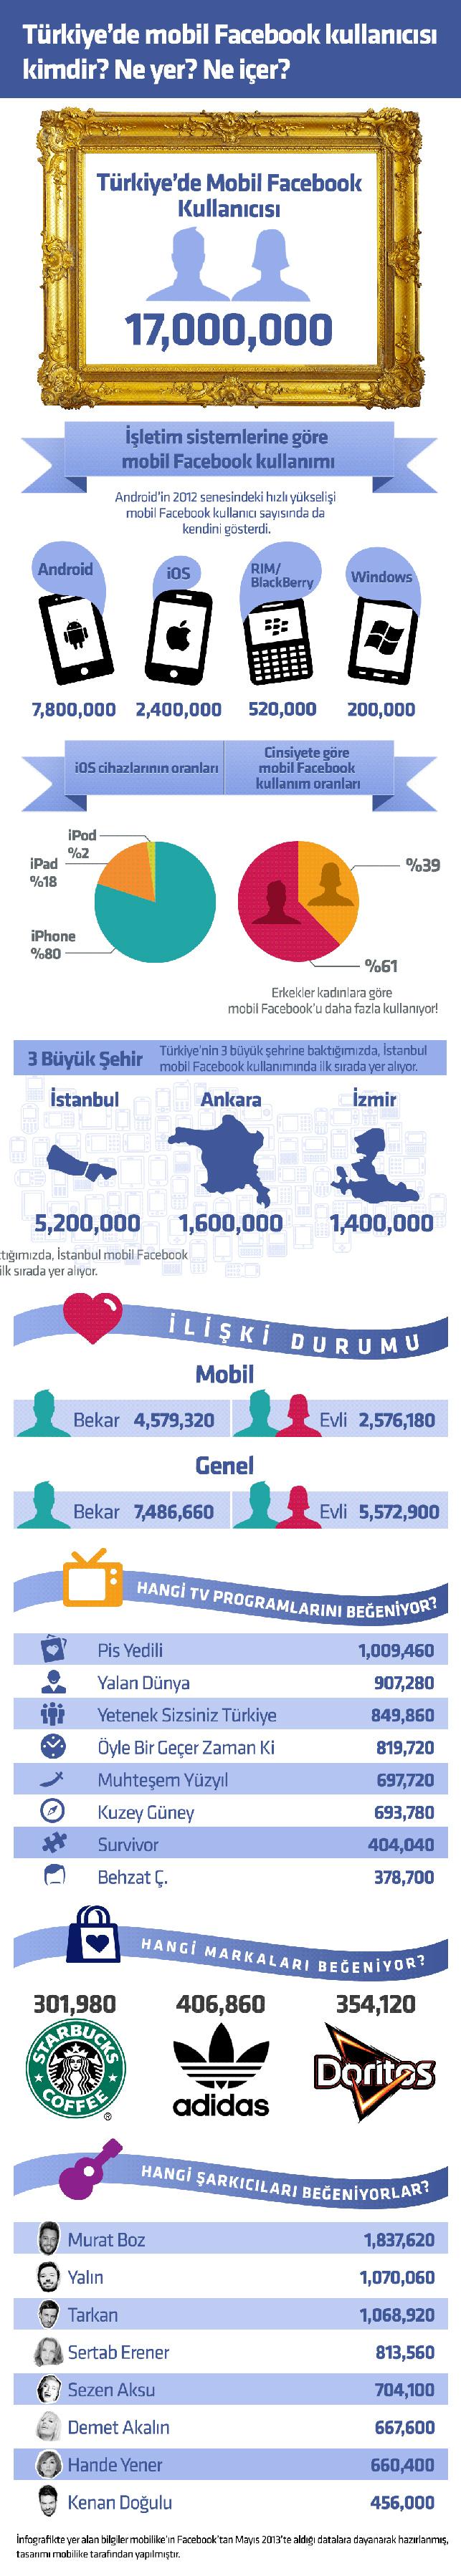 Türkiye'de mobil Facebook kullanım verileri